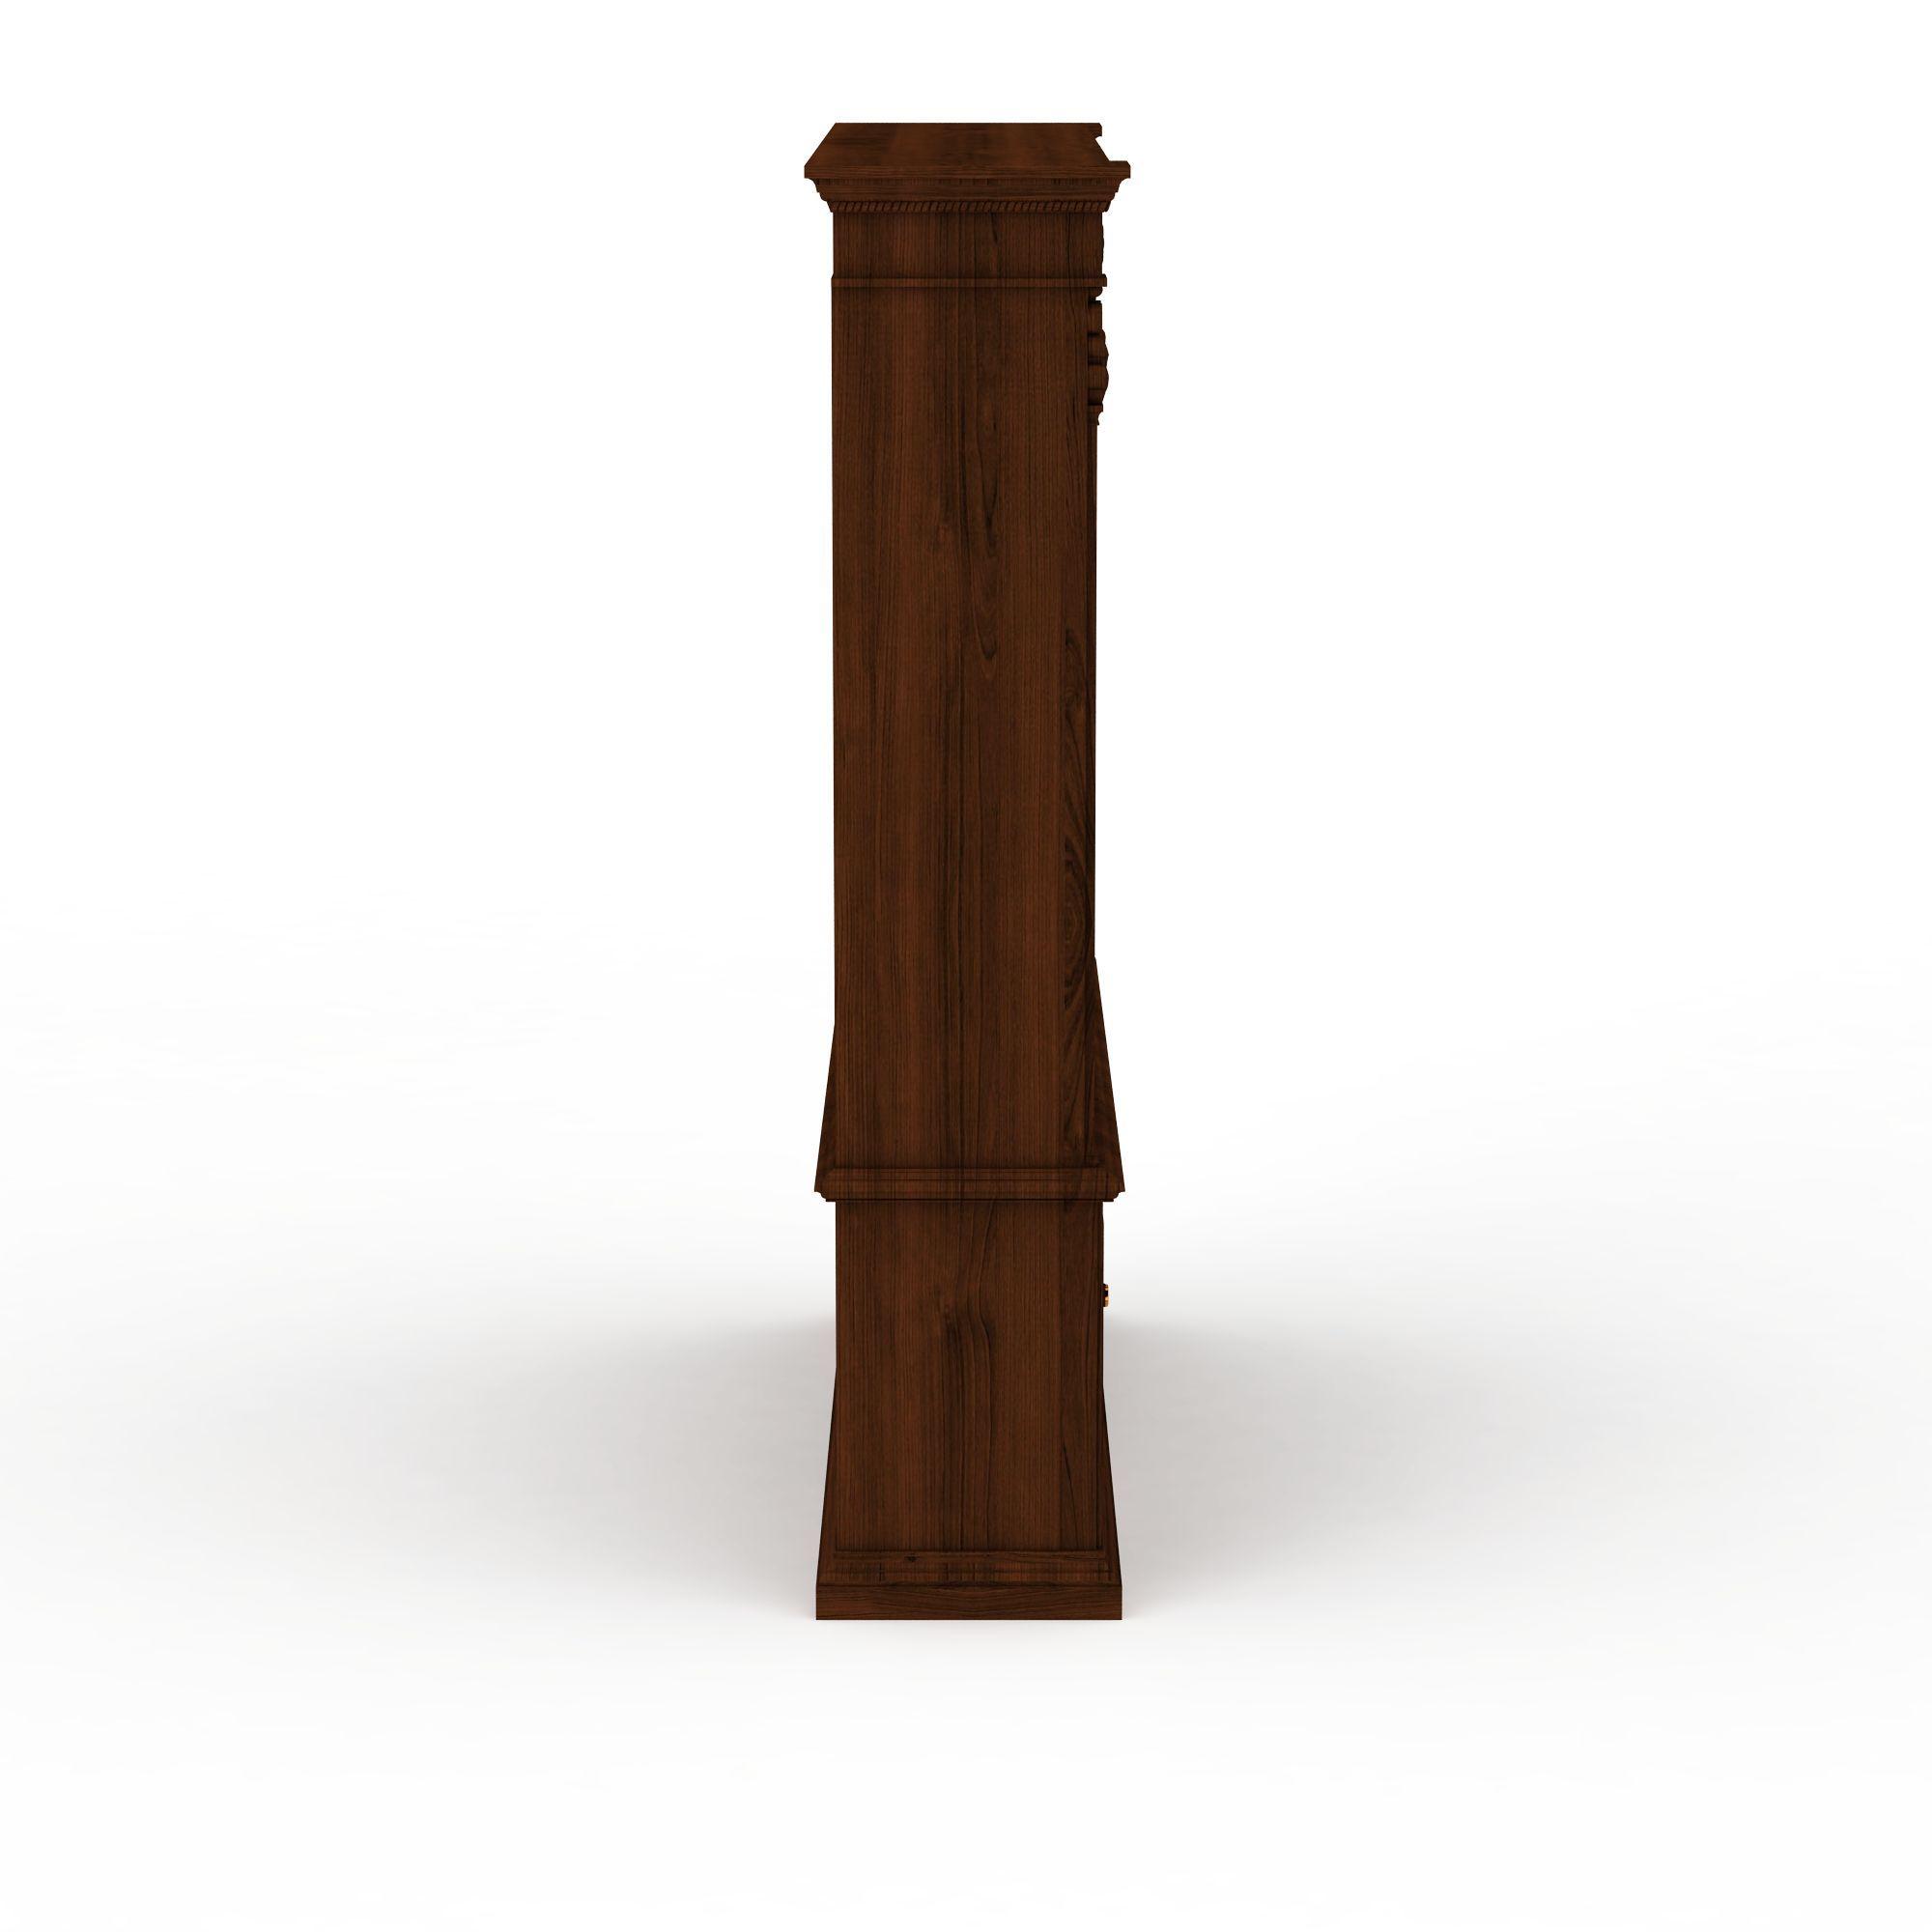 中式风格书柜高清图详情 设计师 3d学院 模型名称 中式风格书柜3d图片